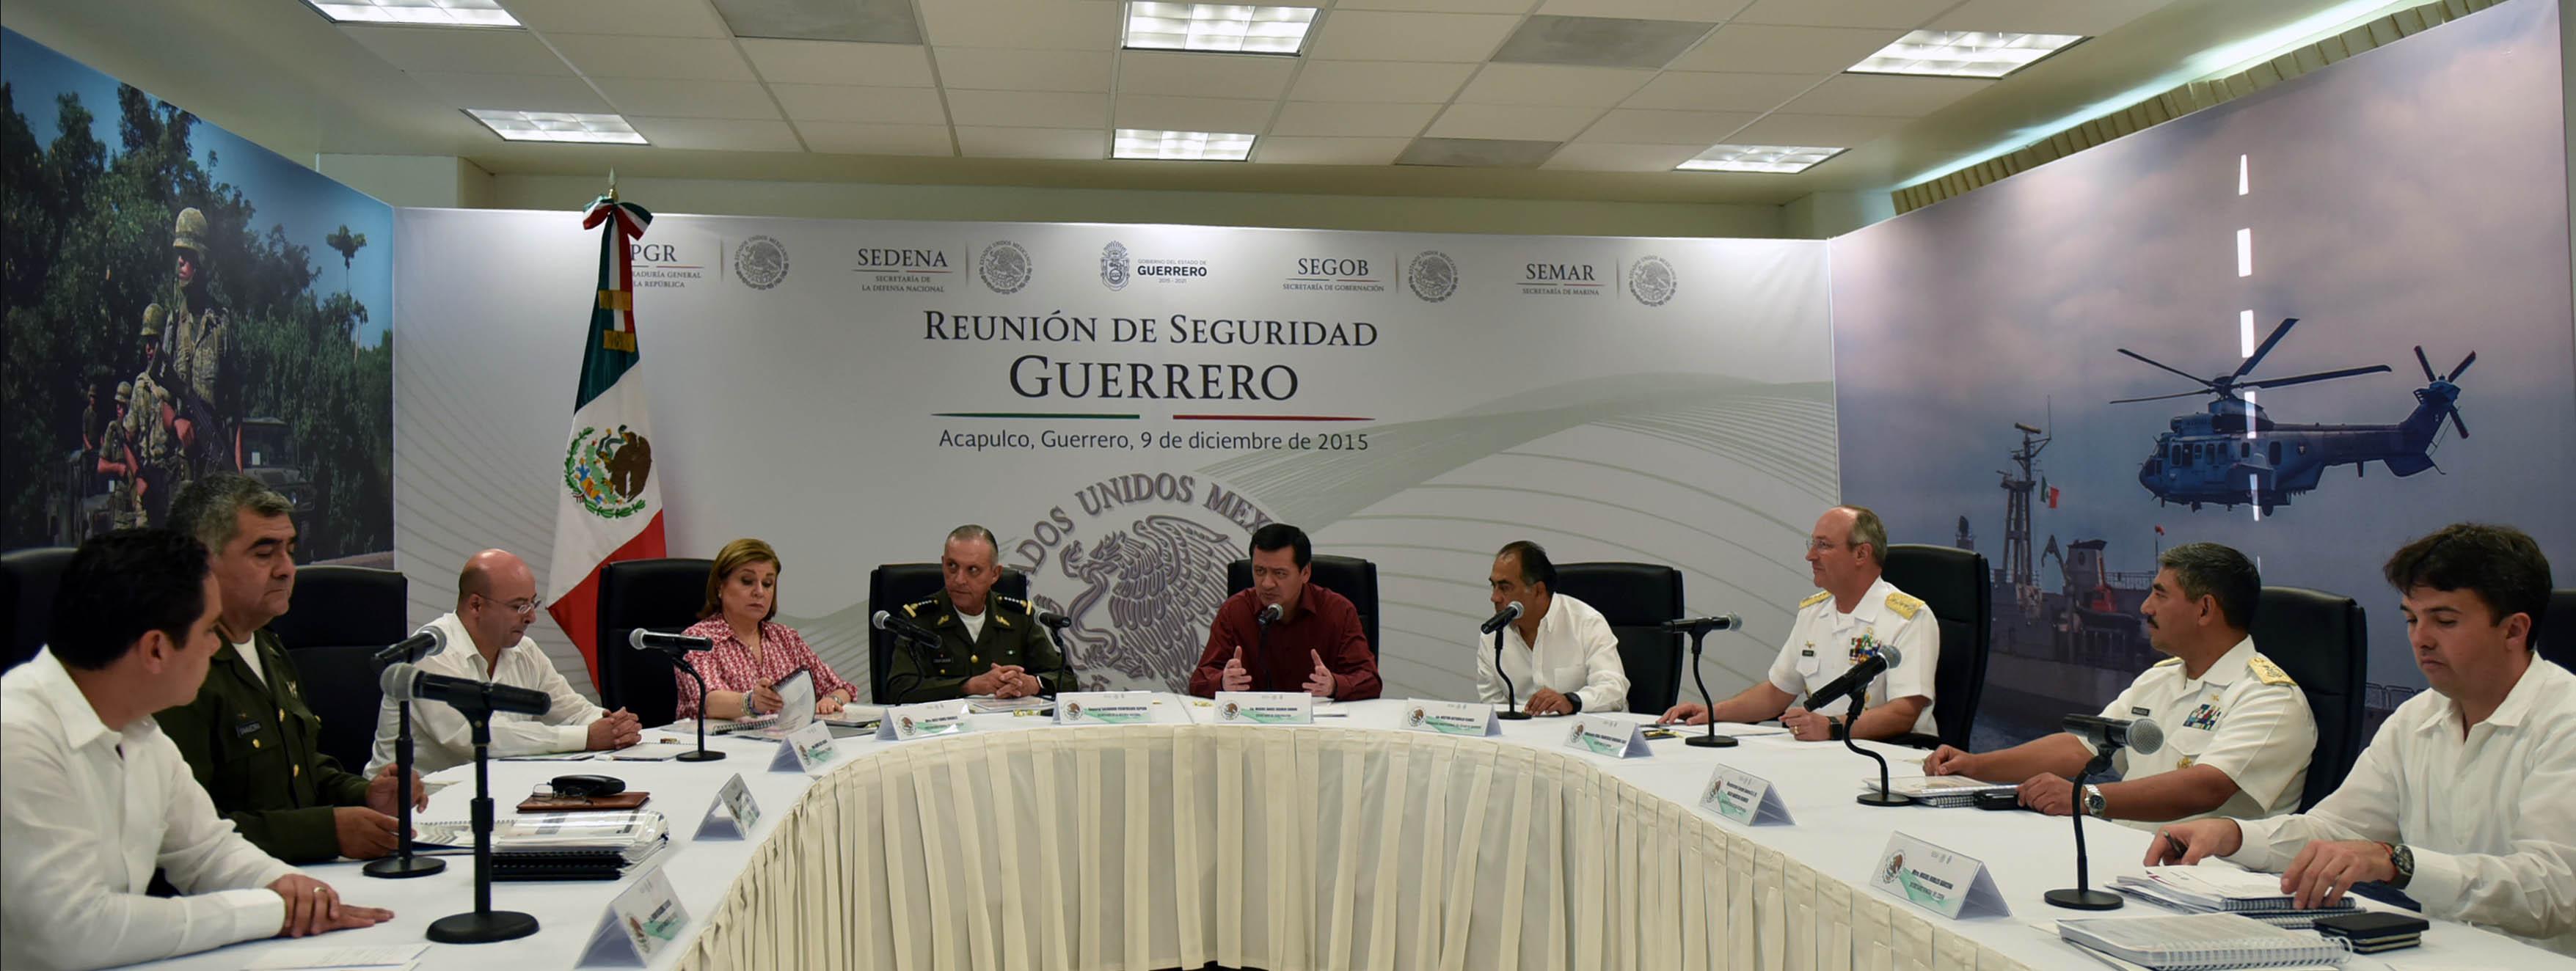 El Secretario de Gobernación, Miguel Ángel Osorio Chong, encabeza la Reunión de Evaluación de la Estrategia de Seguridad para el estado de Guerrero